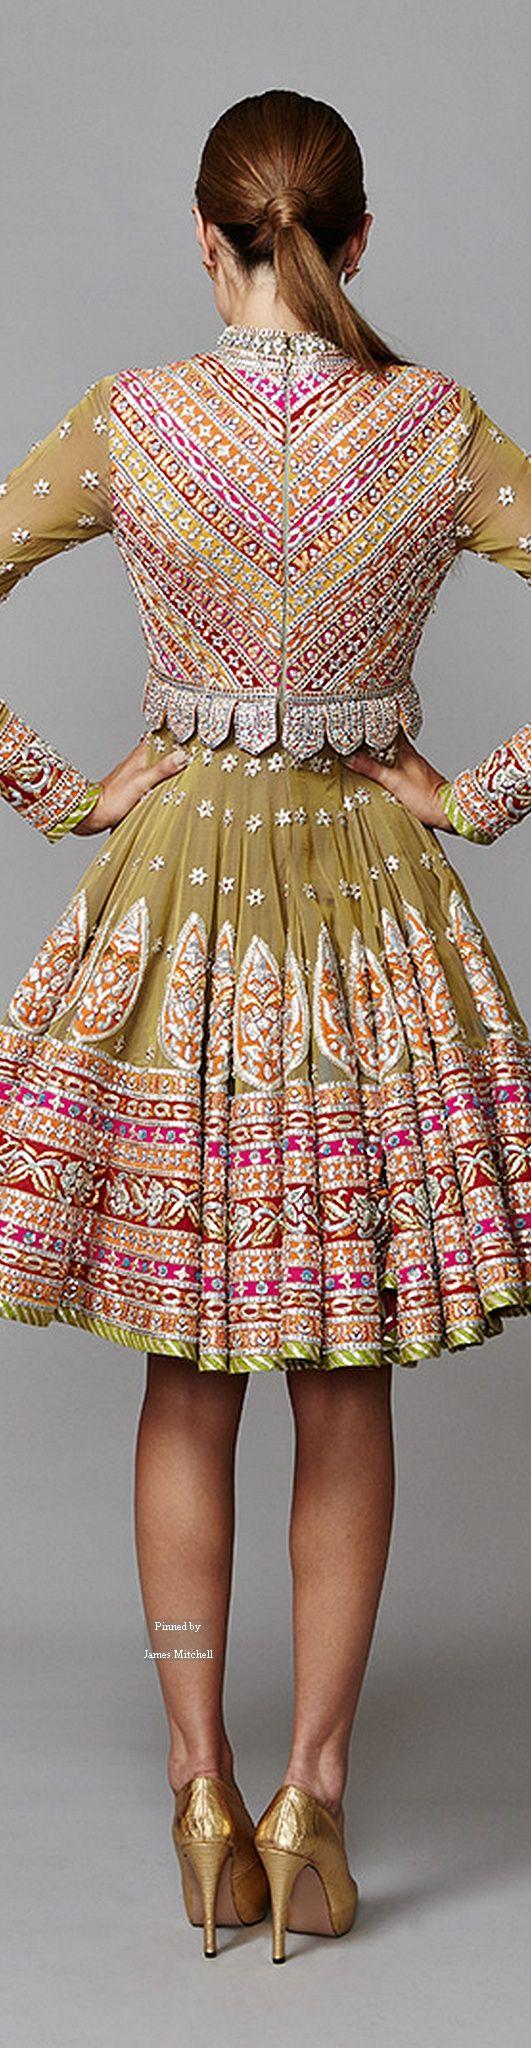 Jani Khosla 2015 Bridal